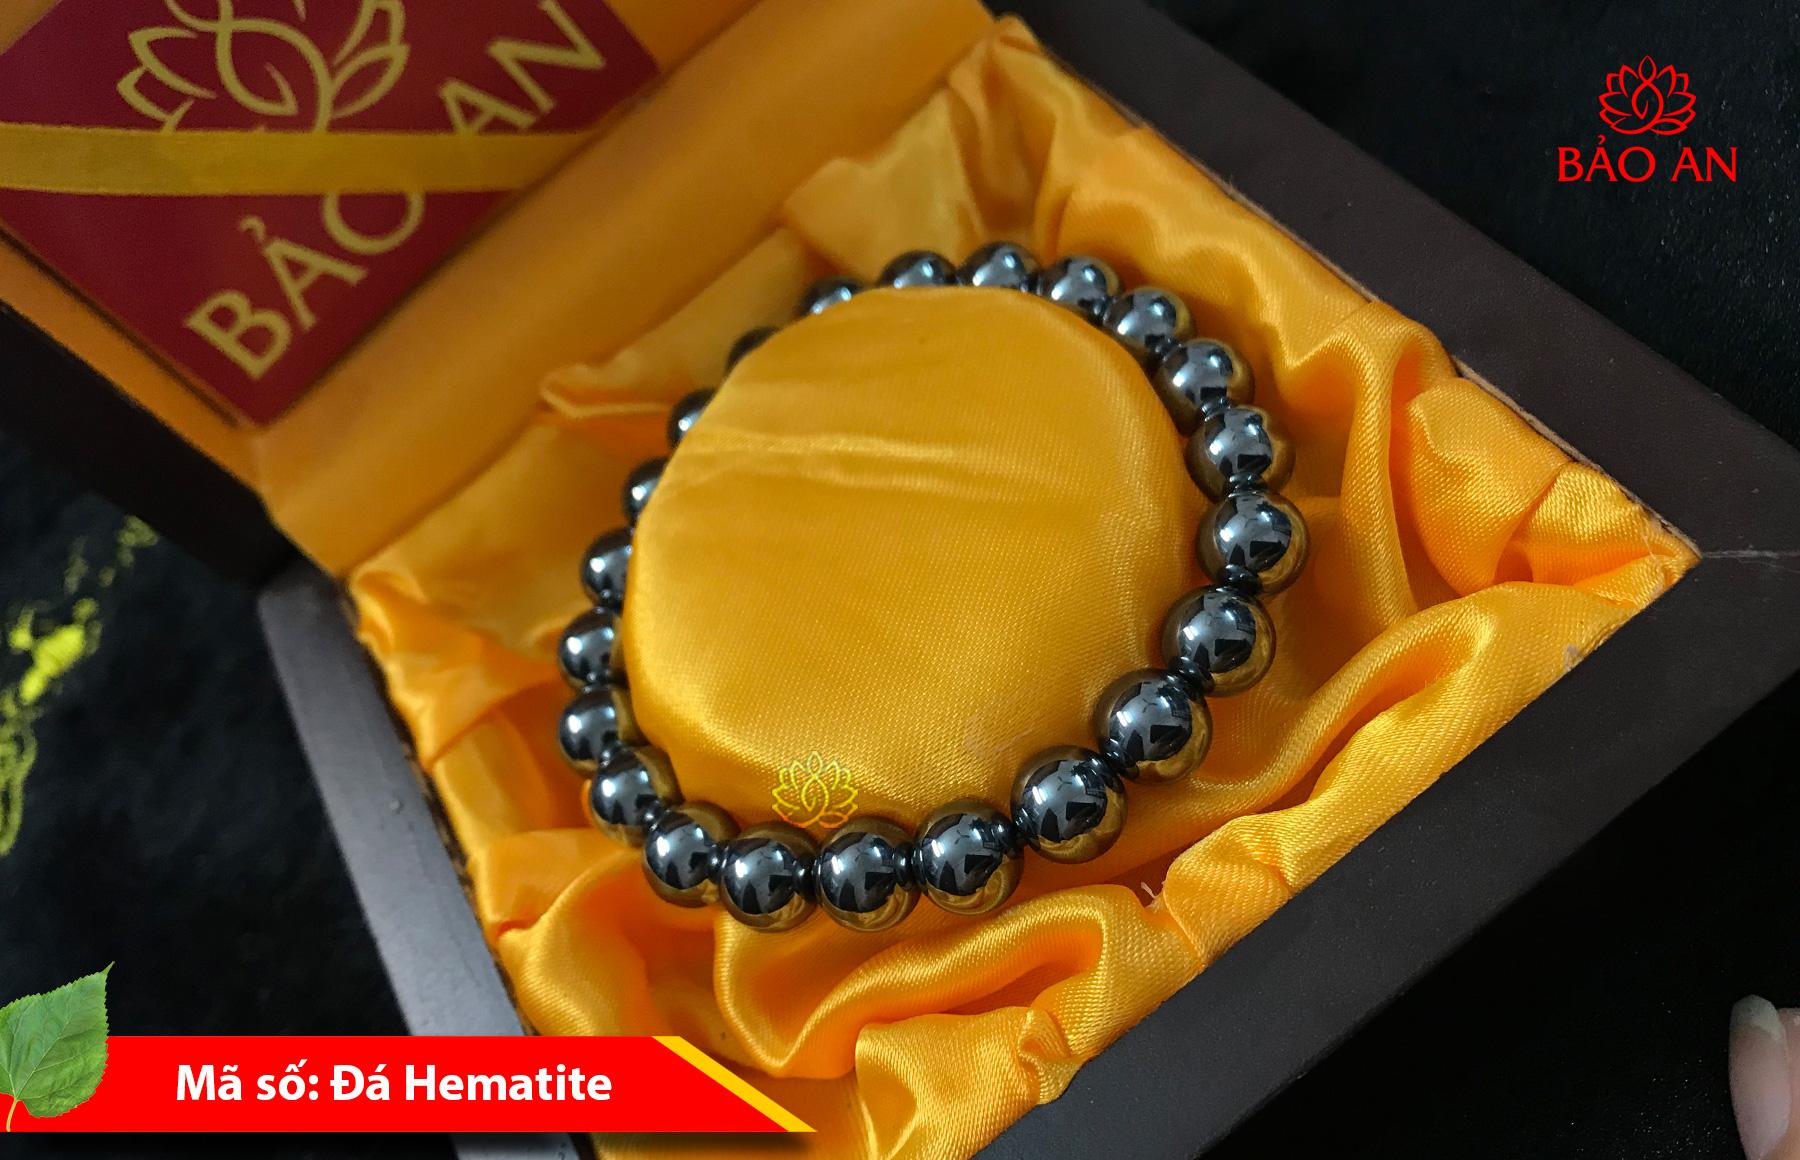 vongdahematite-B